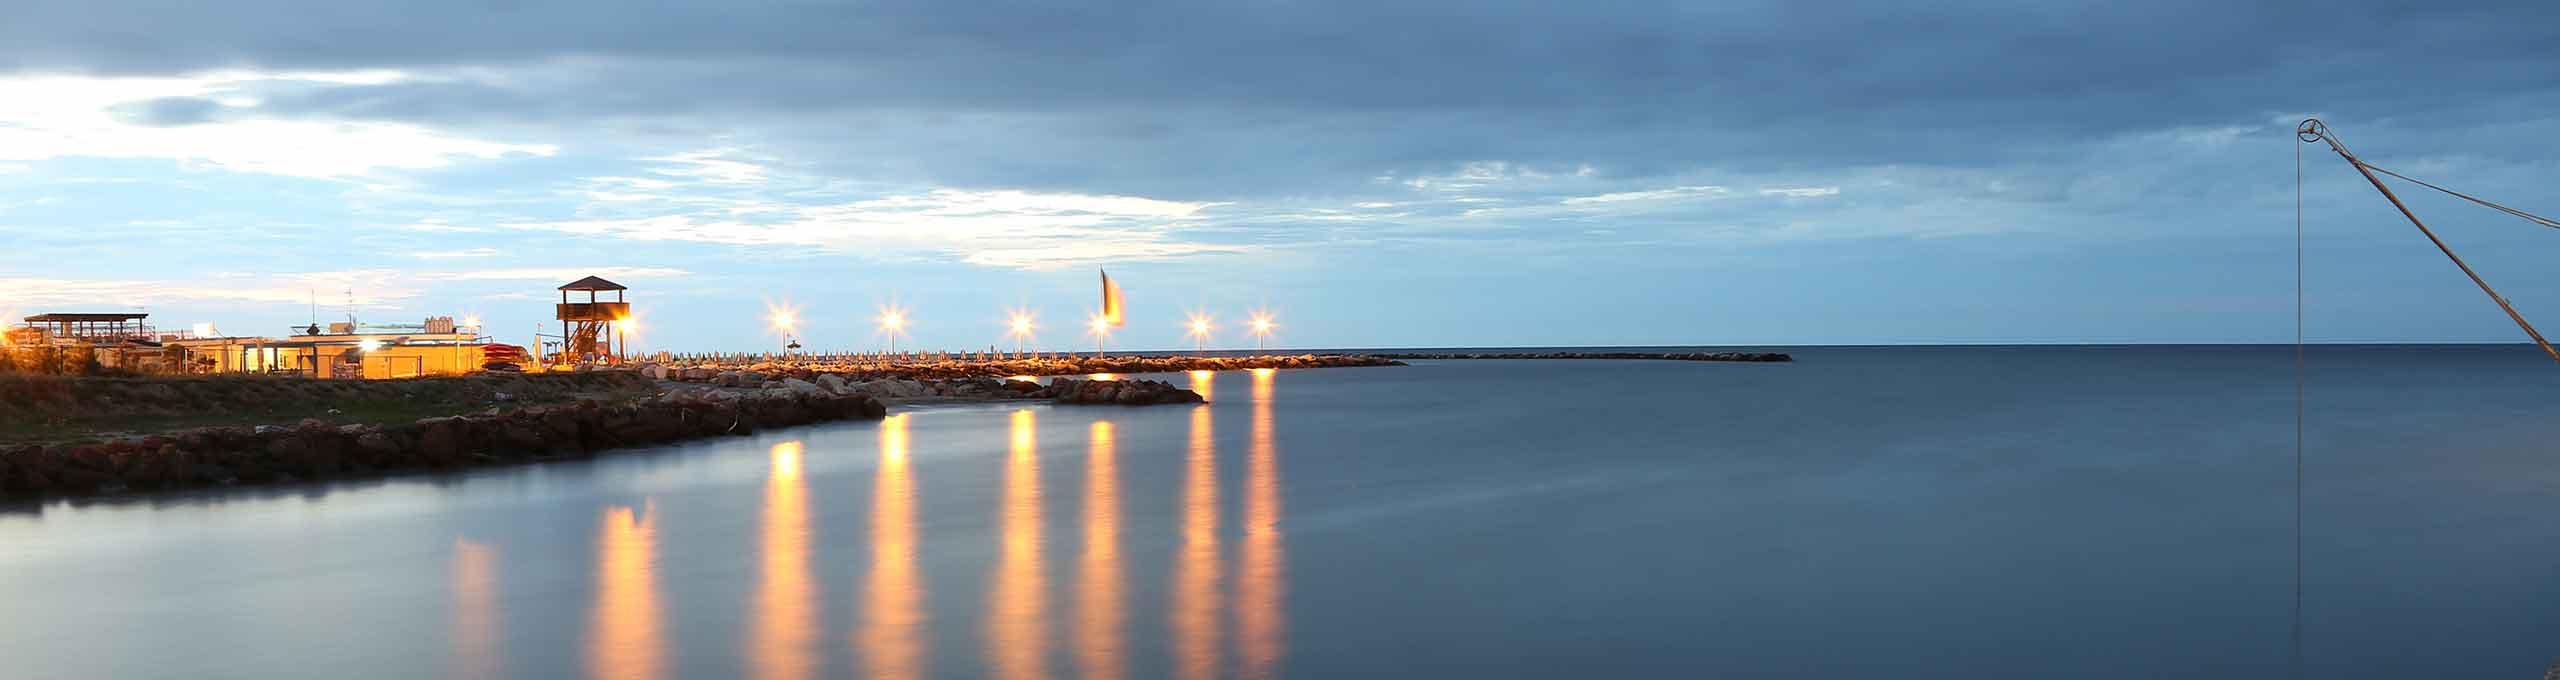 Marina di Ravenna, Riviera Romagnola, foce del Rubicone